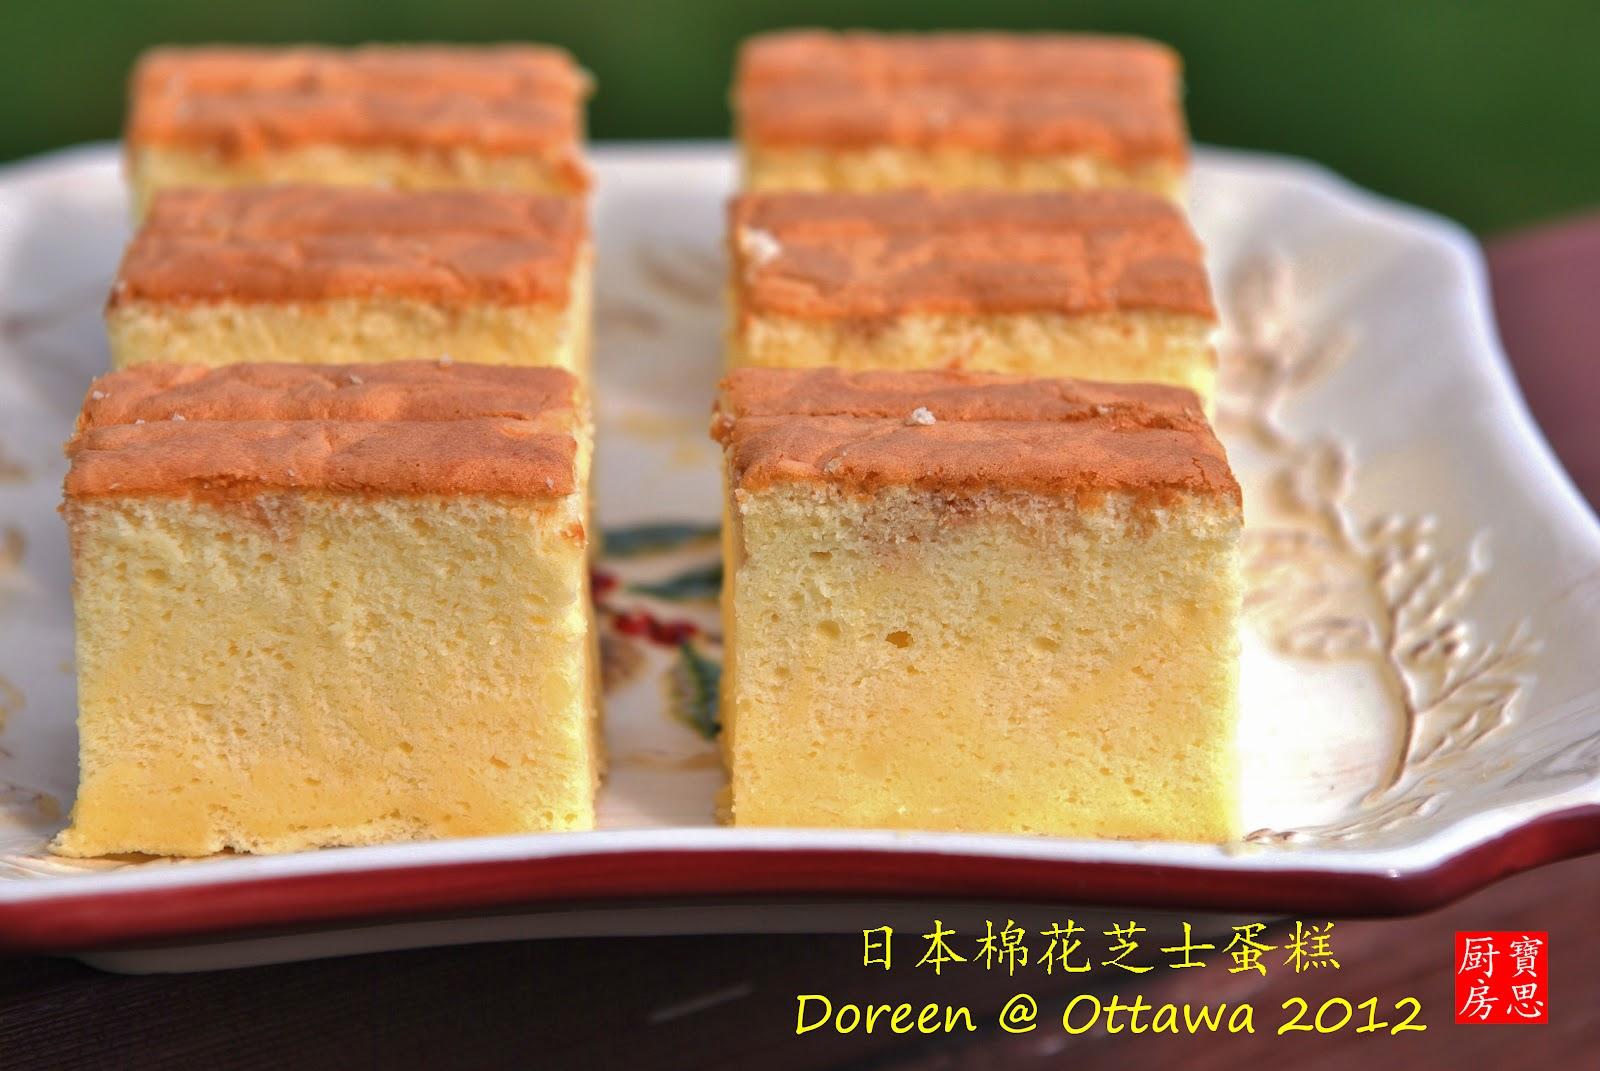 Doreen 在渥太華的溫馨小廚房: 日本棉花芝士蛋糕